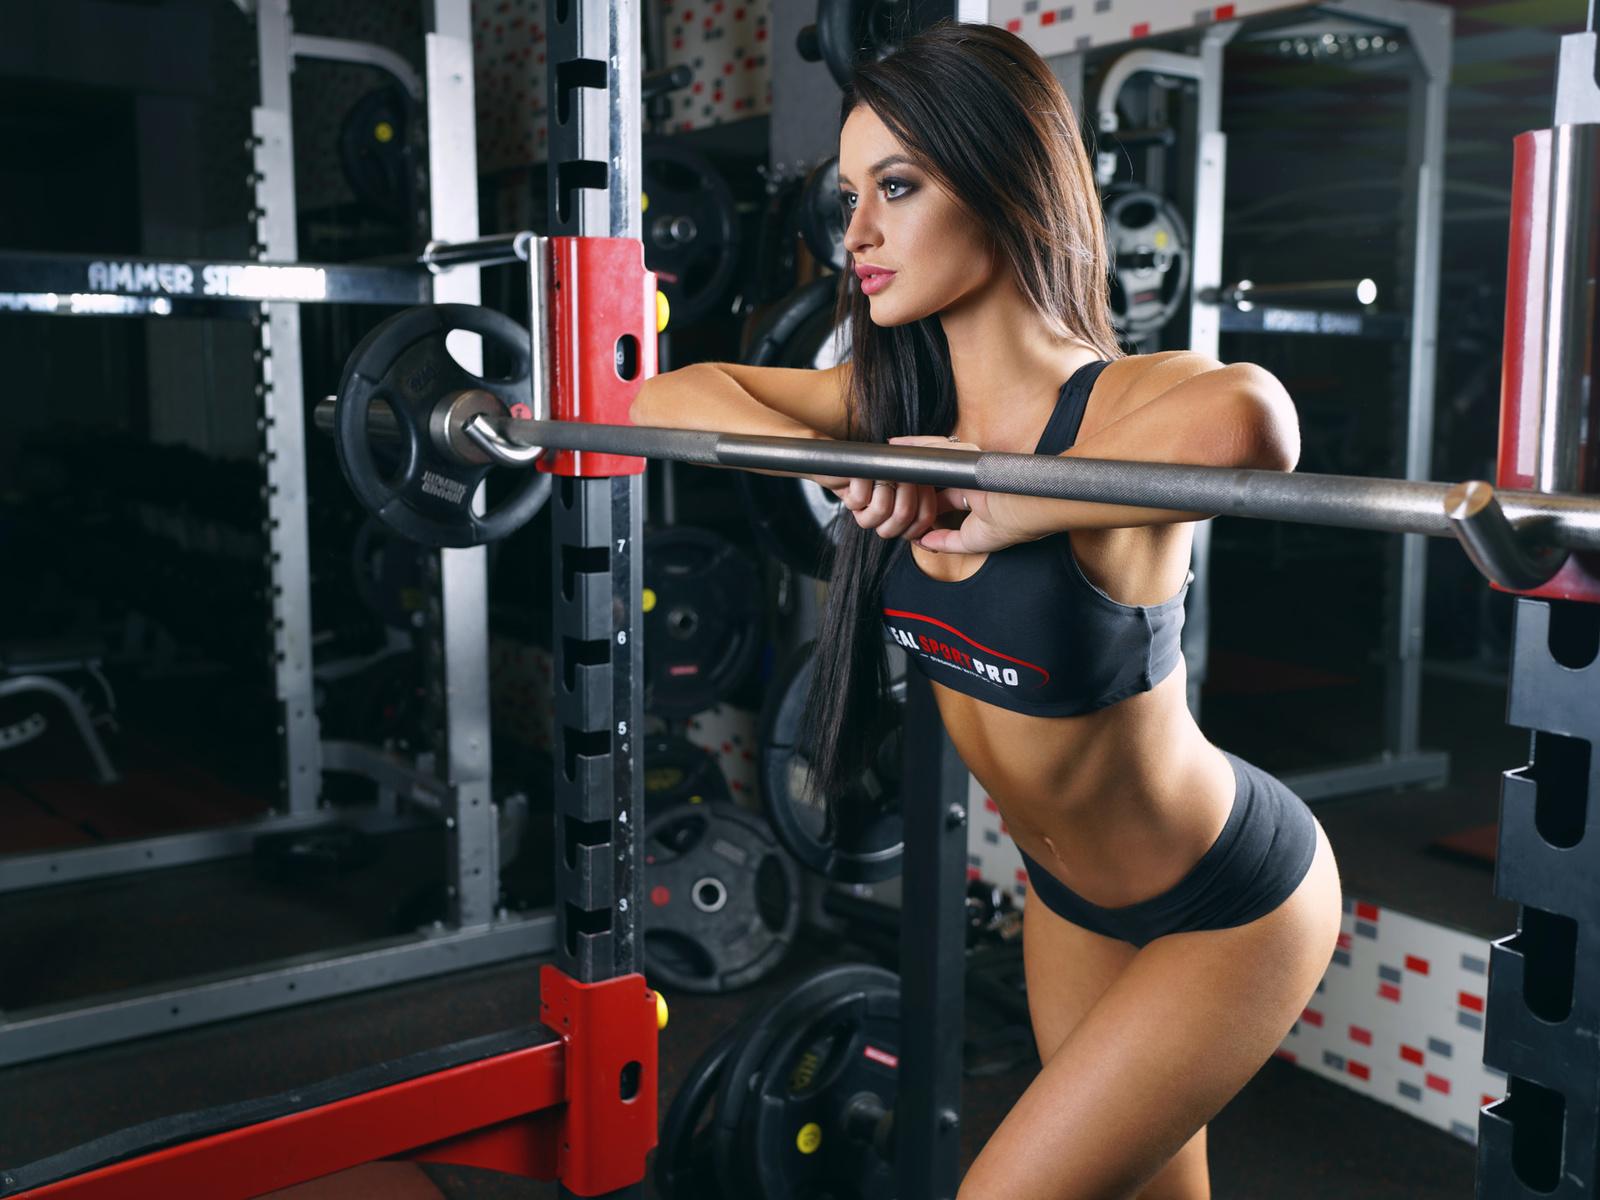 девушки секси в фитнес клубе качалке отличное качество фото когда прочитала,поняла